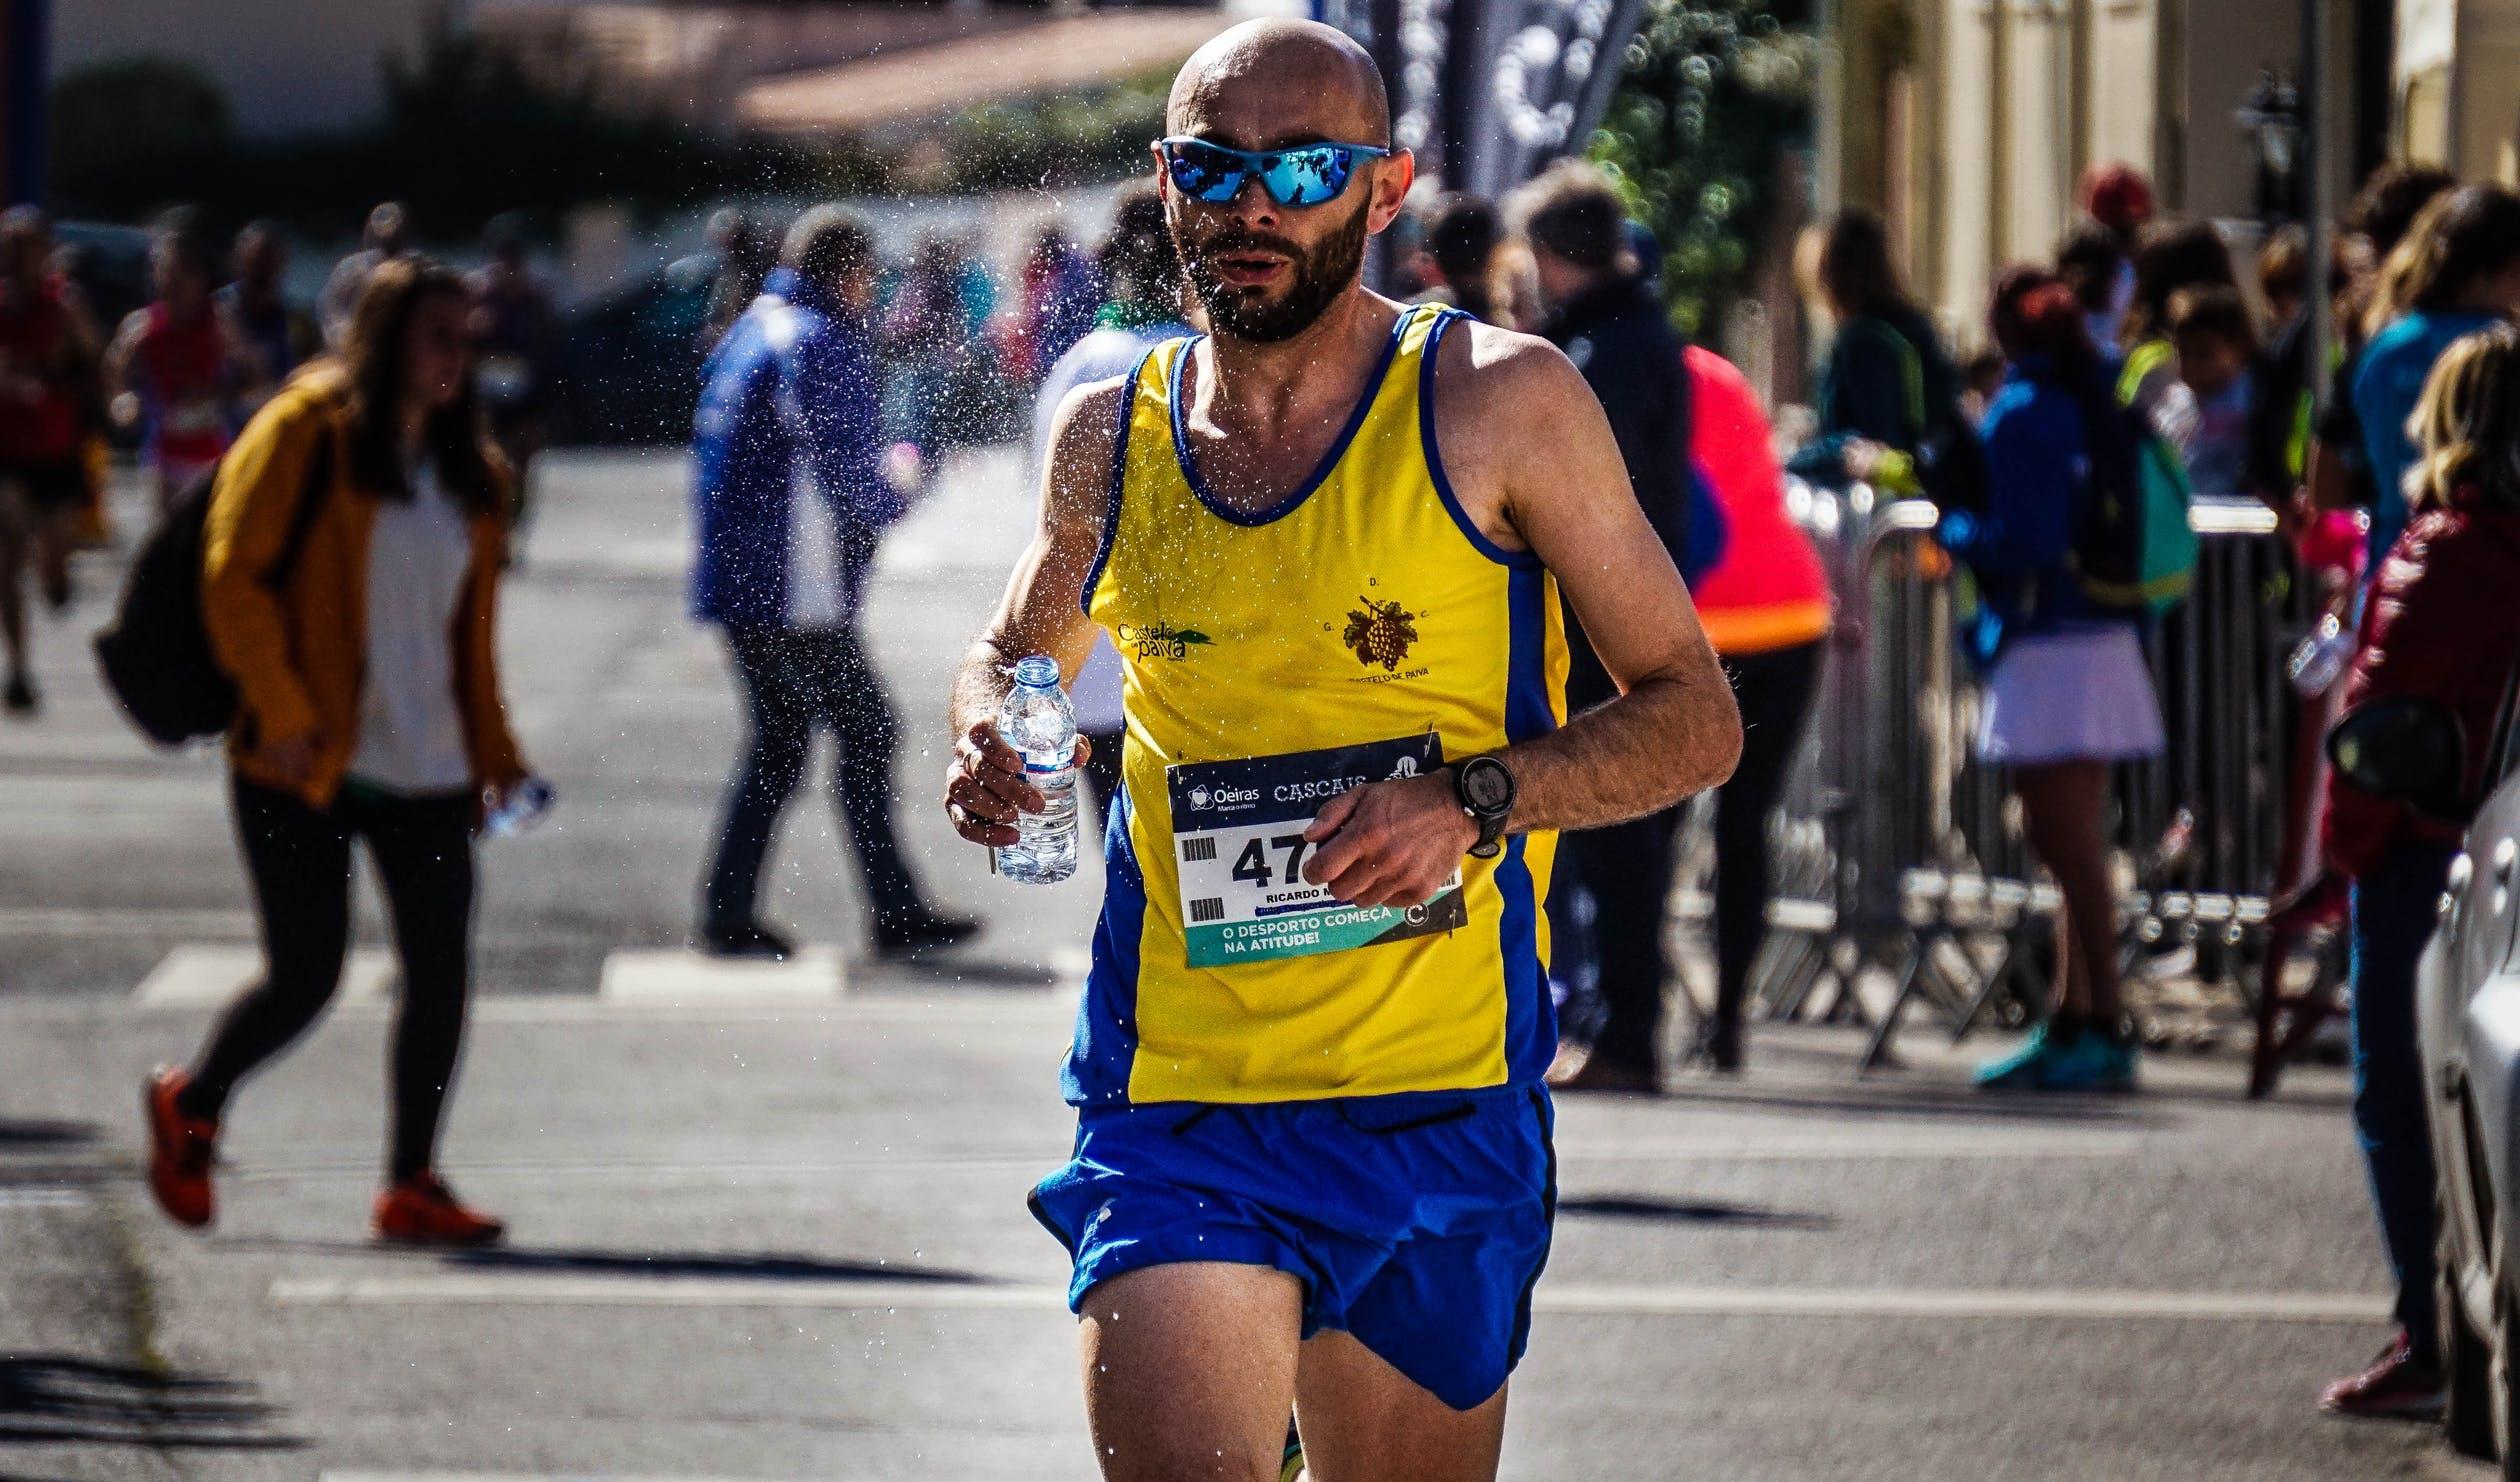 Die Top-10 Fehler vor dem Marathon oder Laufevent